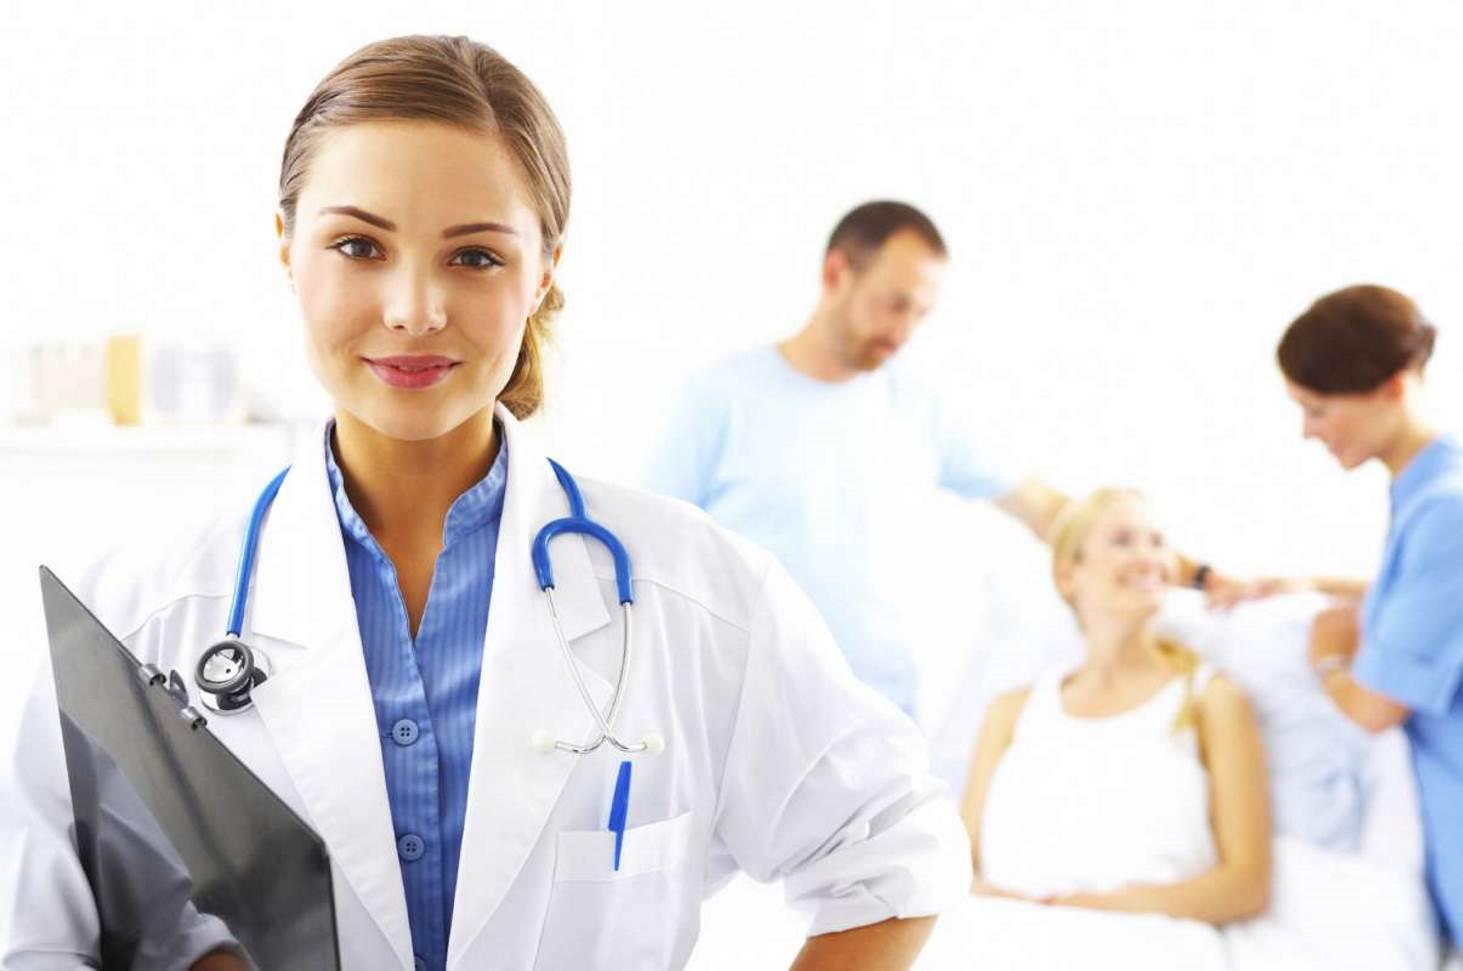 chto-izmenit-novyj-zakon-o-shkolnoj-meditsine